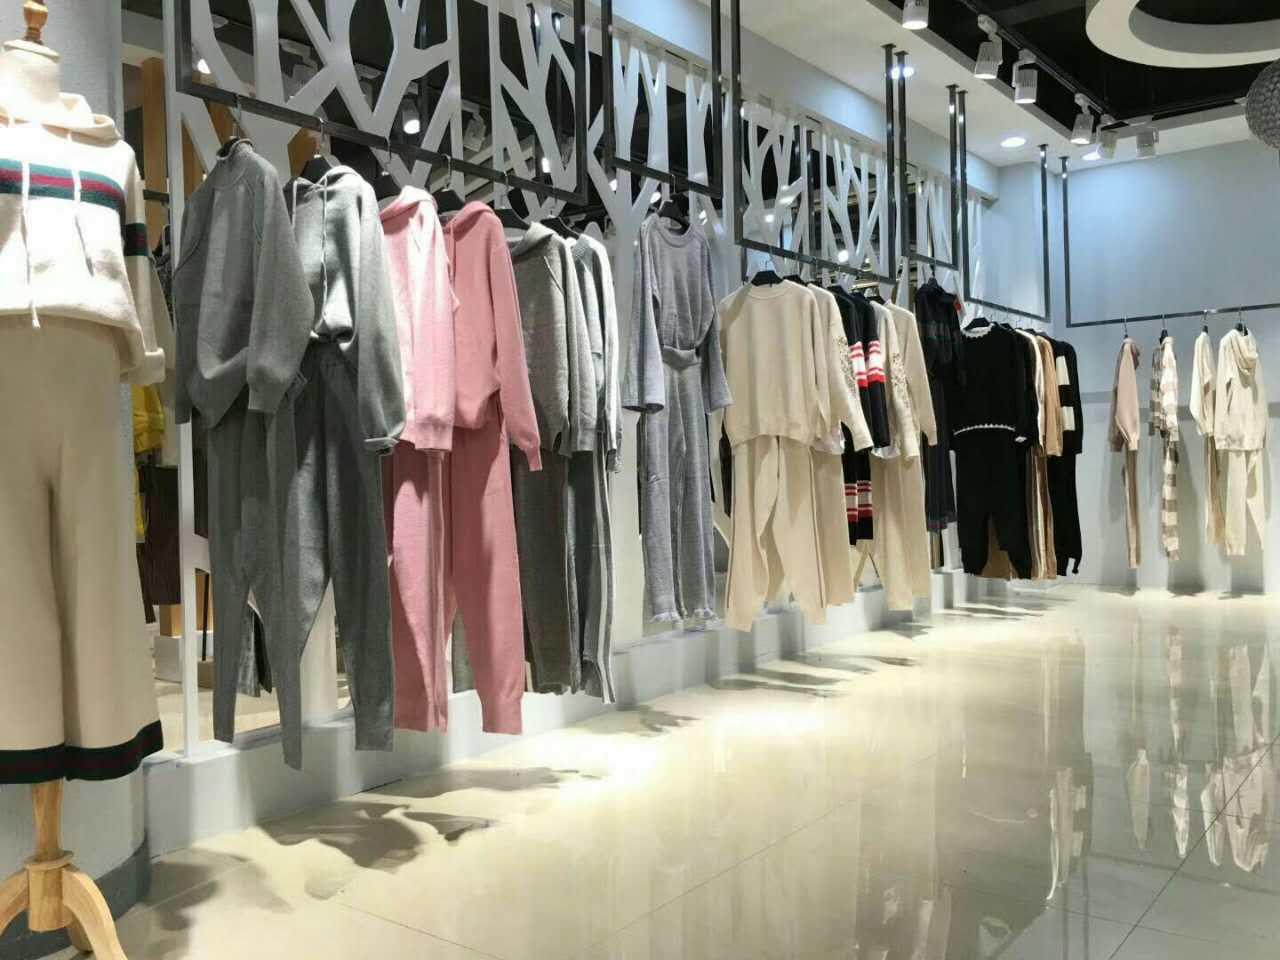 踢街全球共享轻奢品牌女装连锁,诚招加盟!